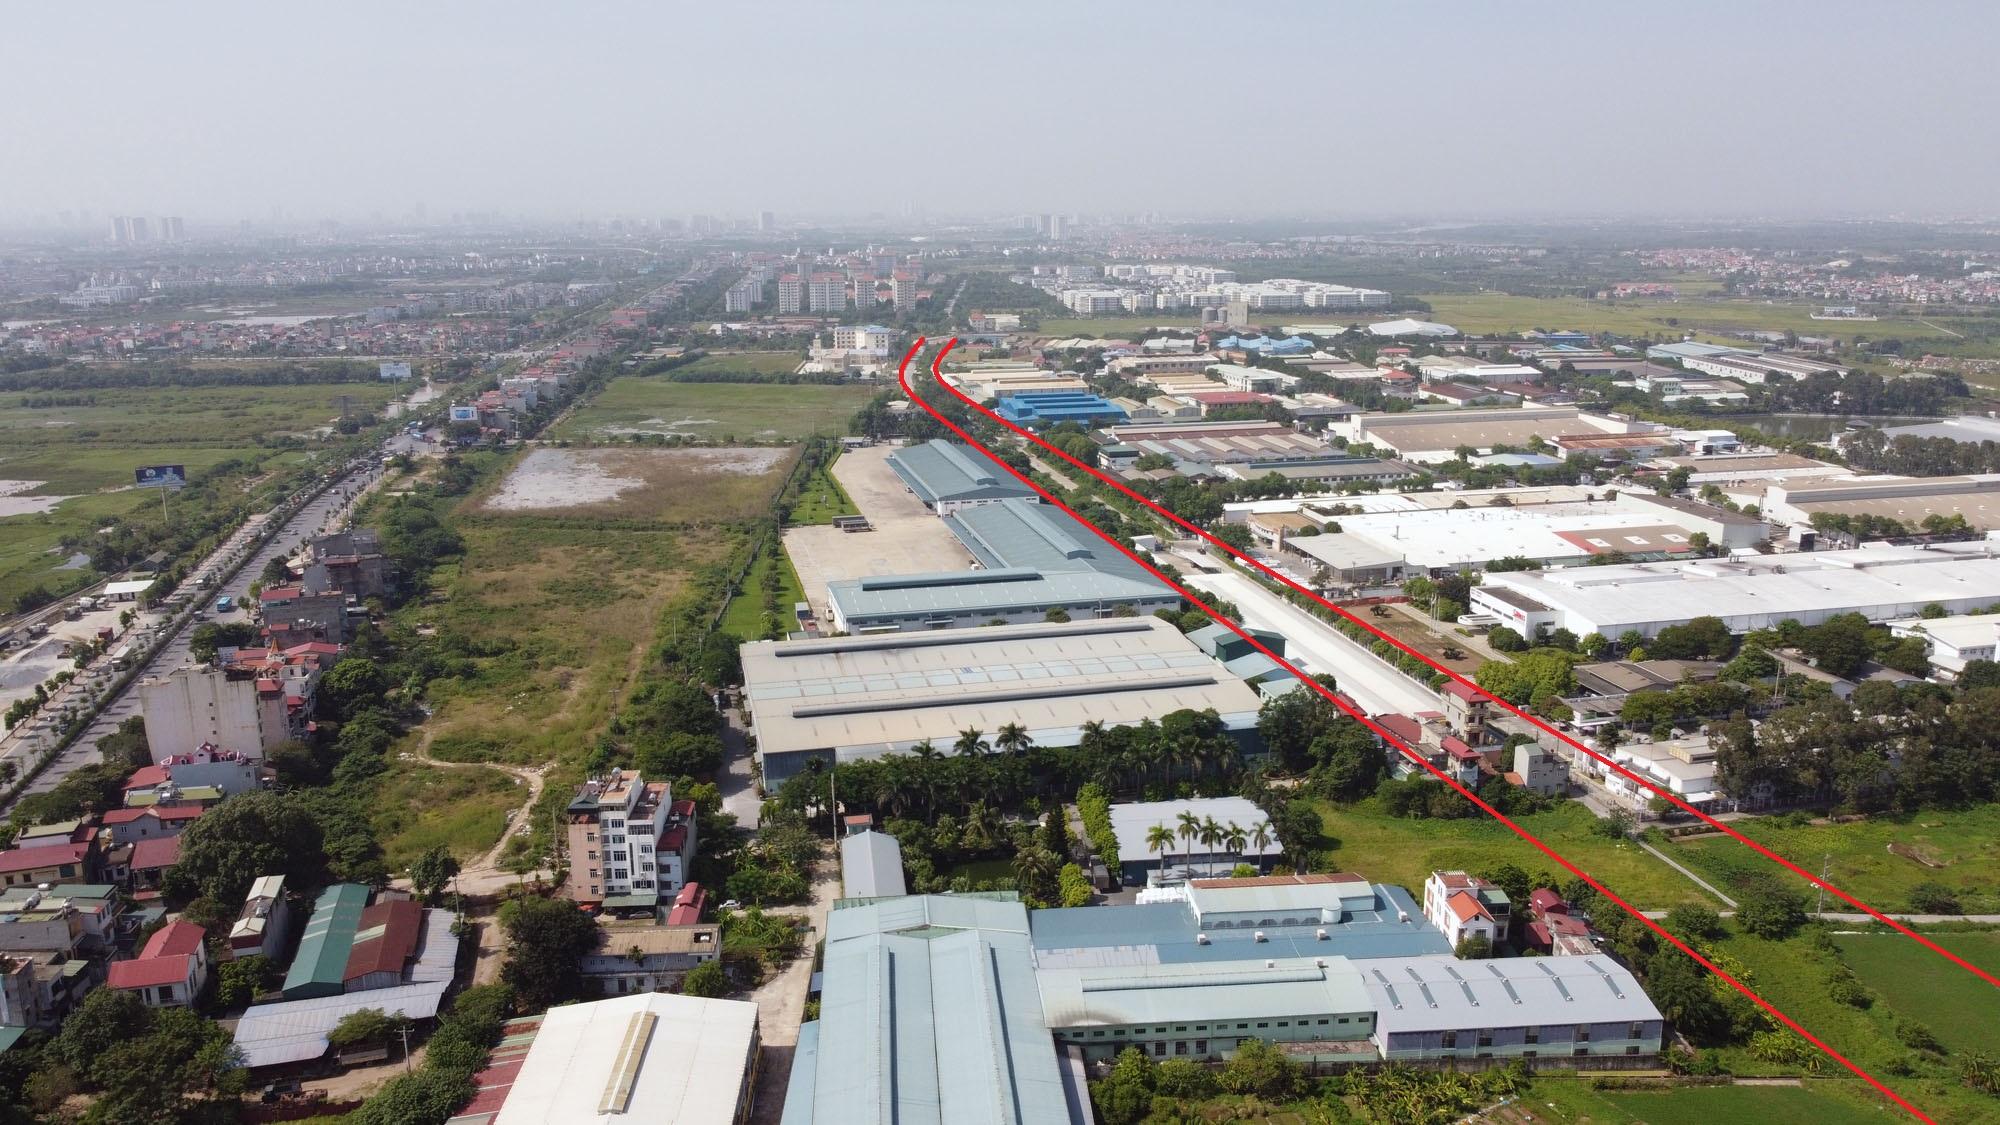 4 đường sẽ mở theo qui hoạch ở xã Dương Xá, Gia Lâm, Hà Nội - Ảnh 4.